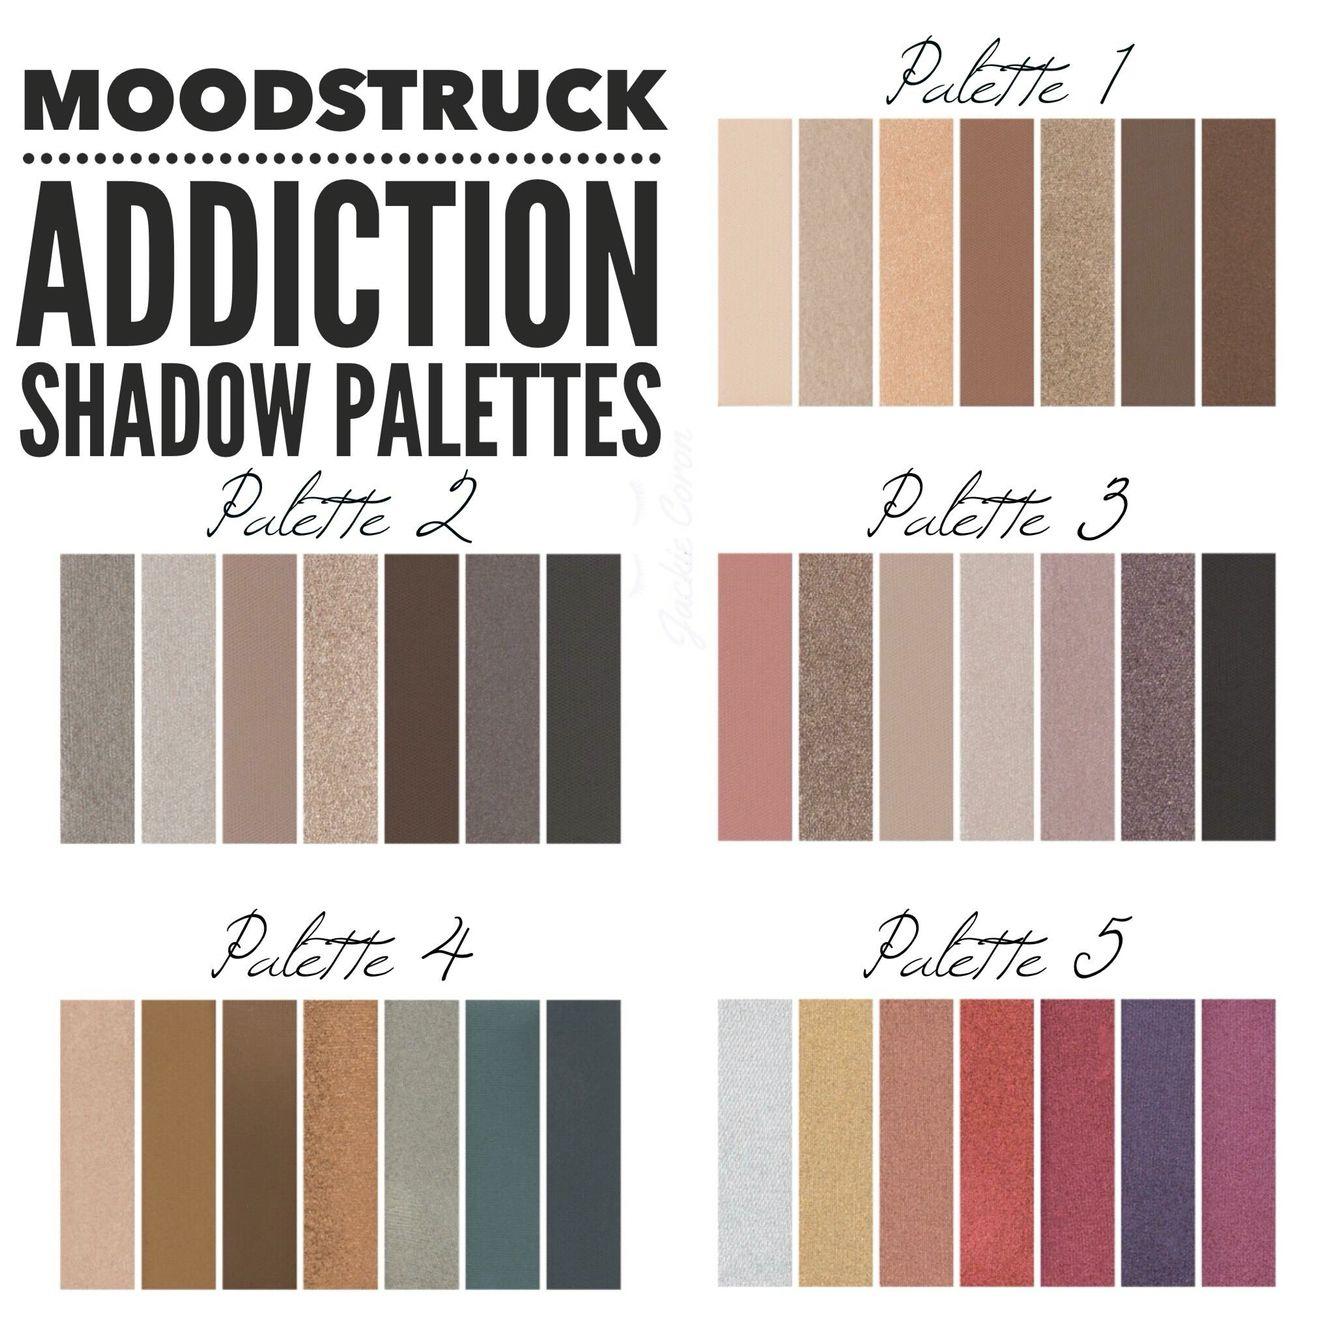 Souvent All 5 Younique Addiction Palettes! ❤ | Younique by Katelin  KC16